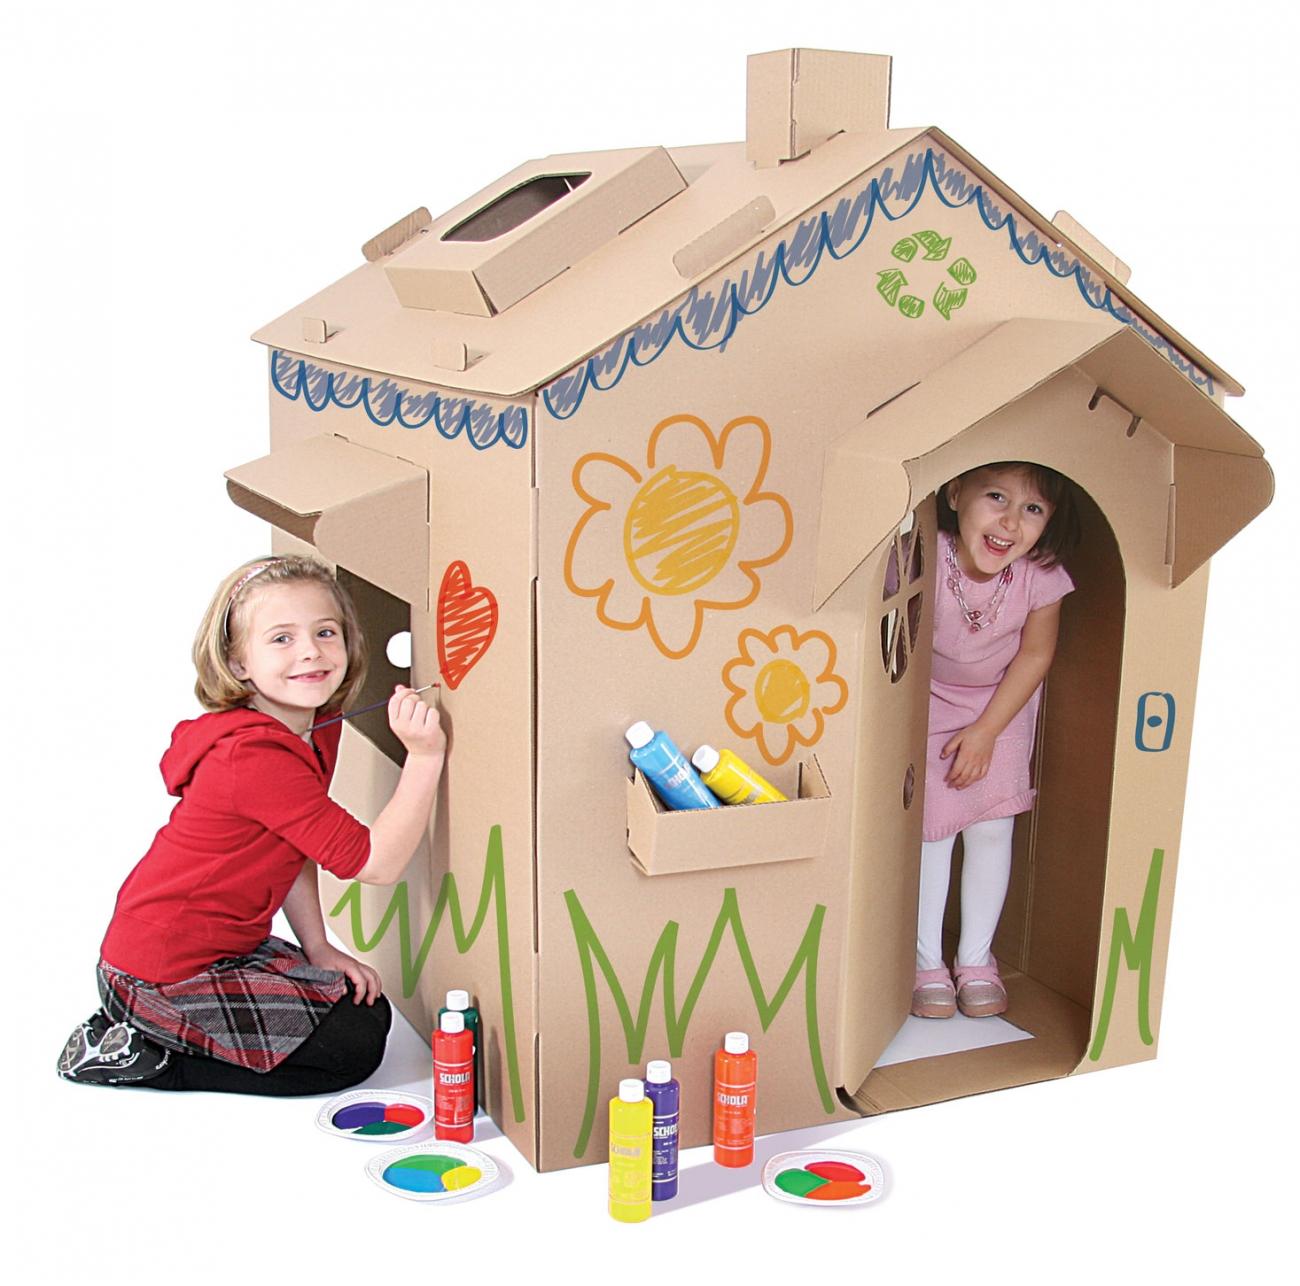 Maison en carton enfant avie home - Maison carton enfant ...